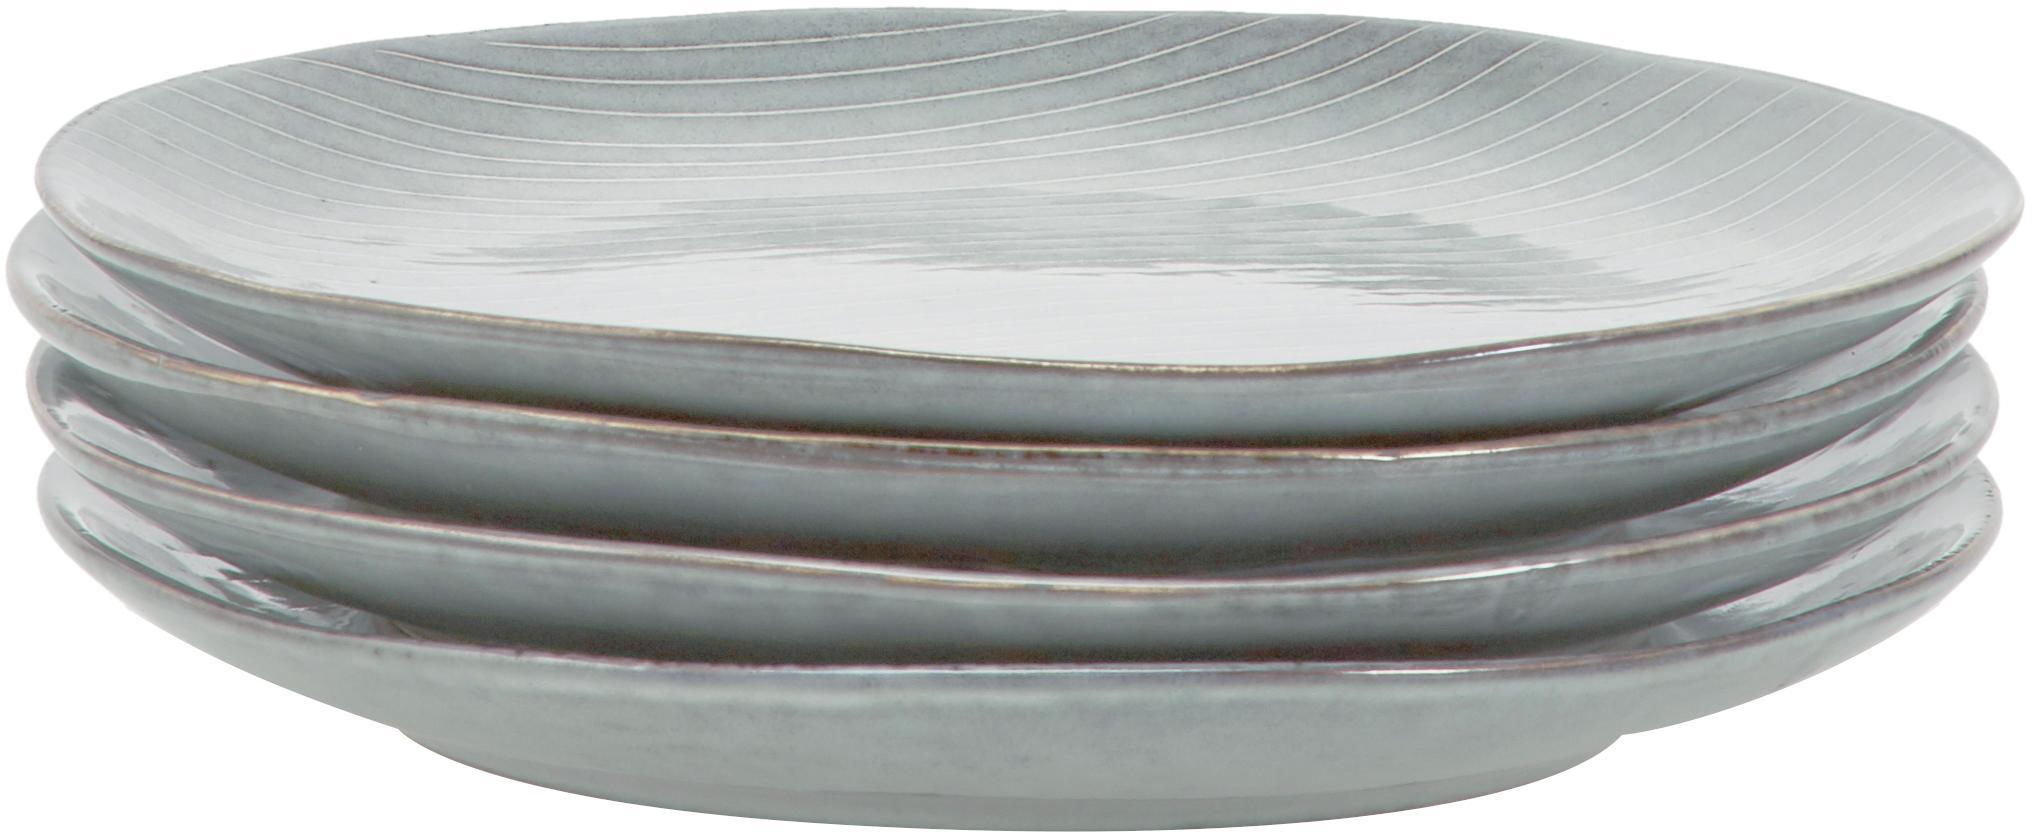 Handgemachtes Frühstücks-Set Nordic Sea aus Steingut, 4 Personen (12-tlg.), Steingut, Grau, Blau, Verschiedene Grössen